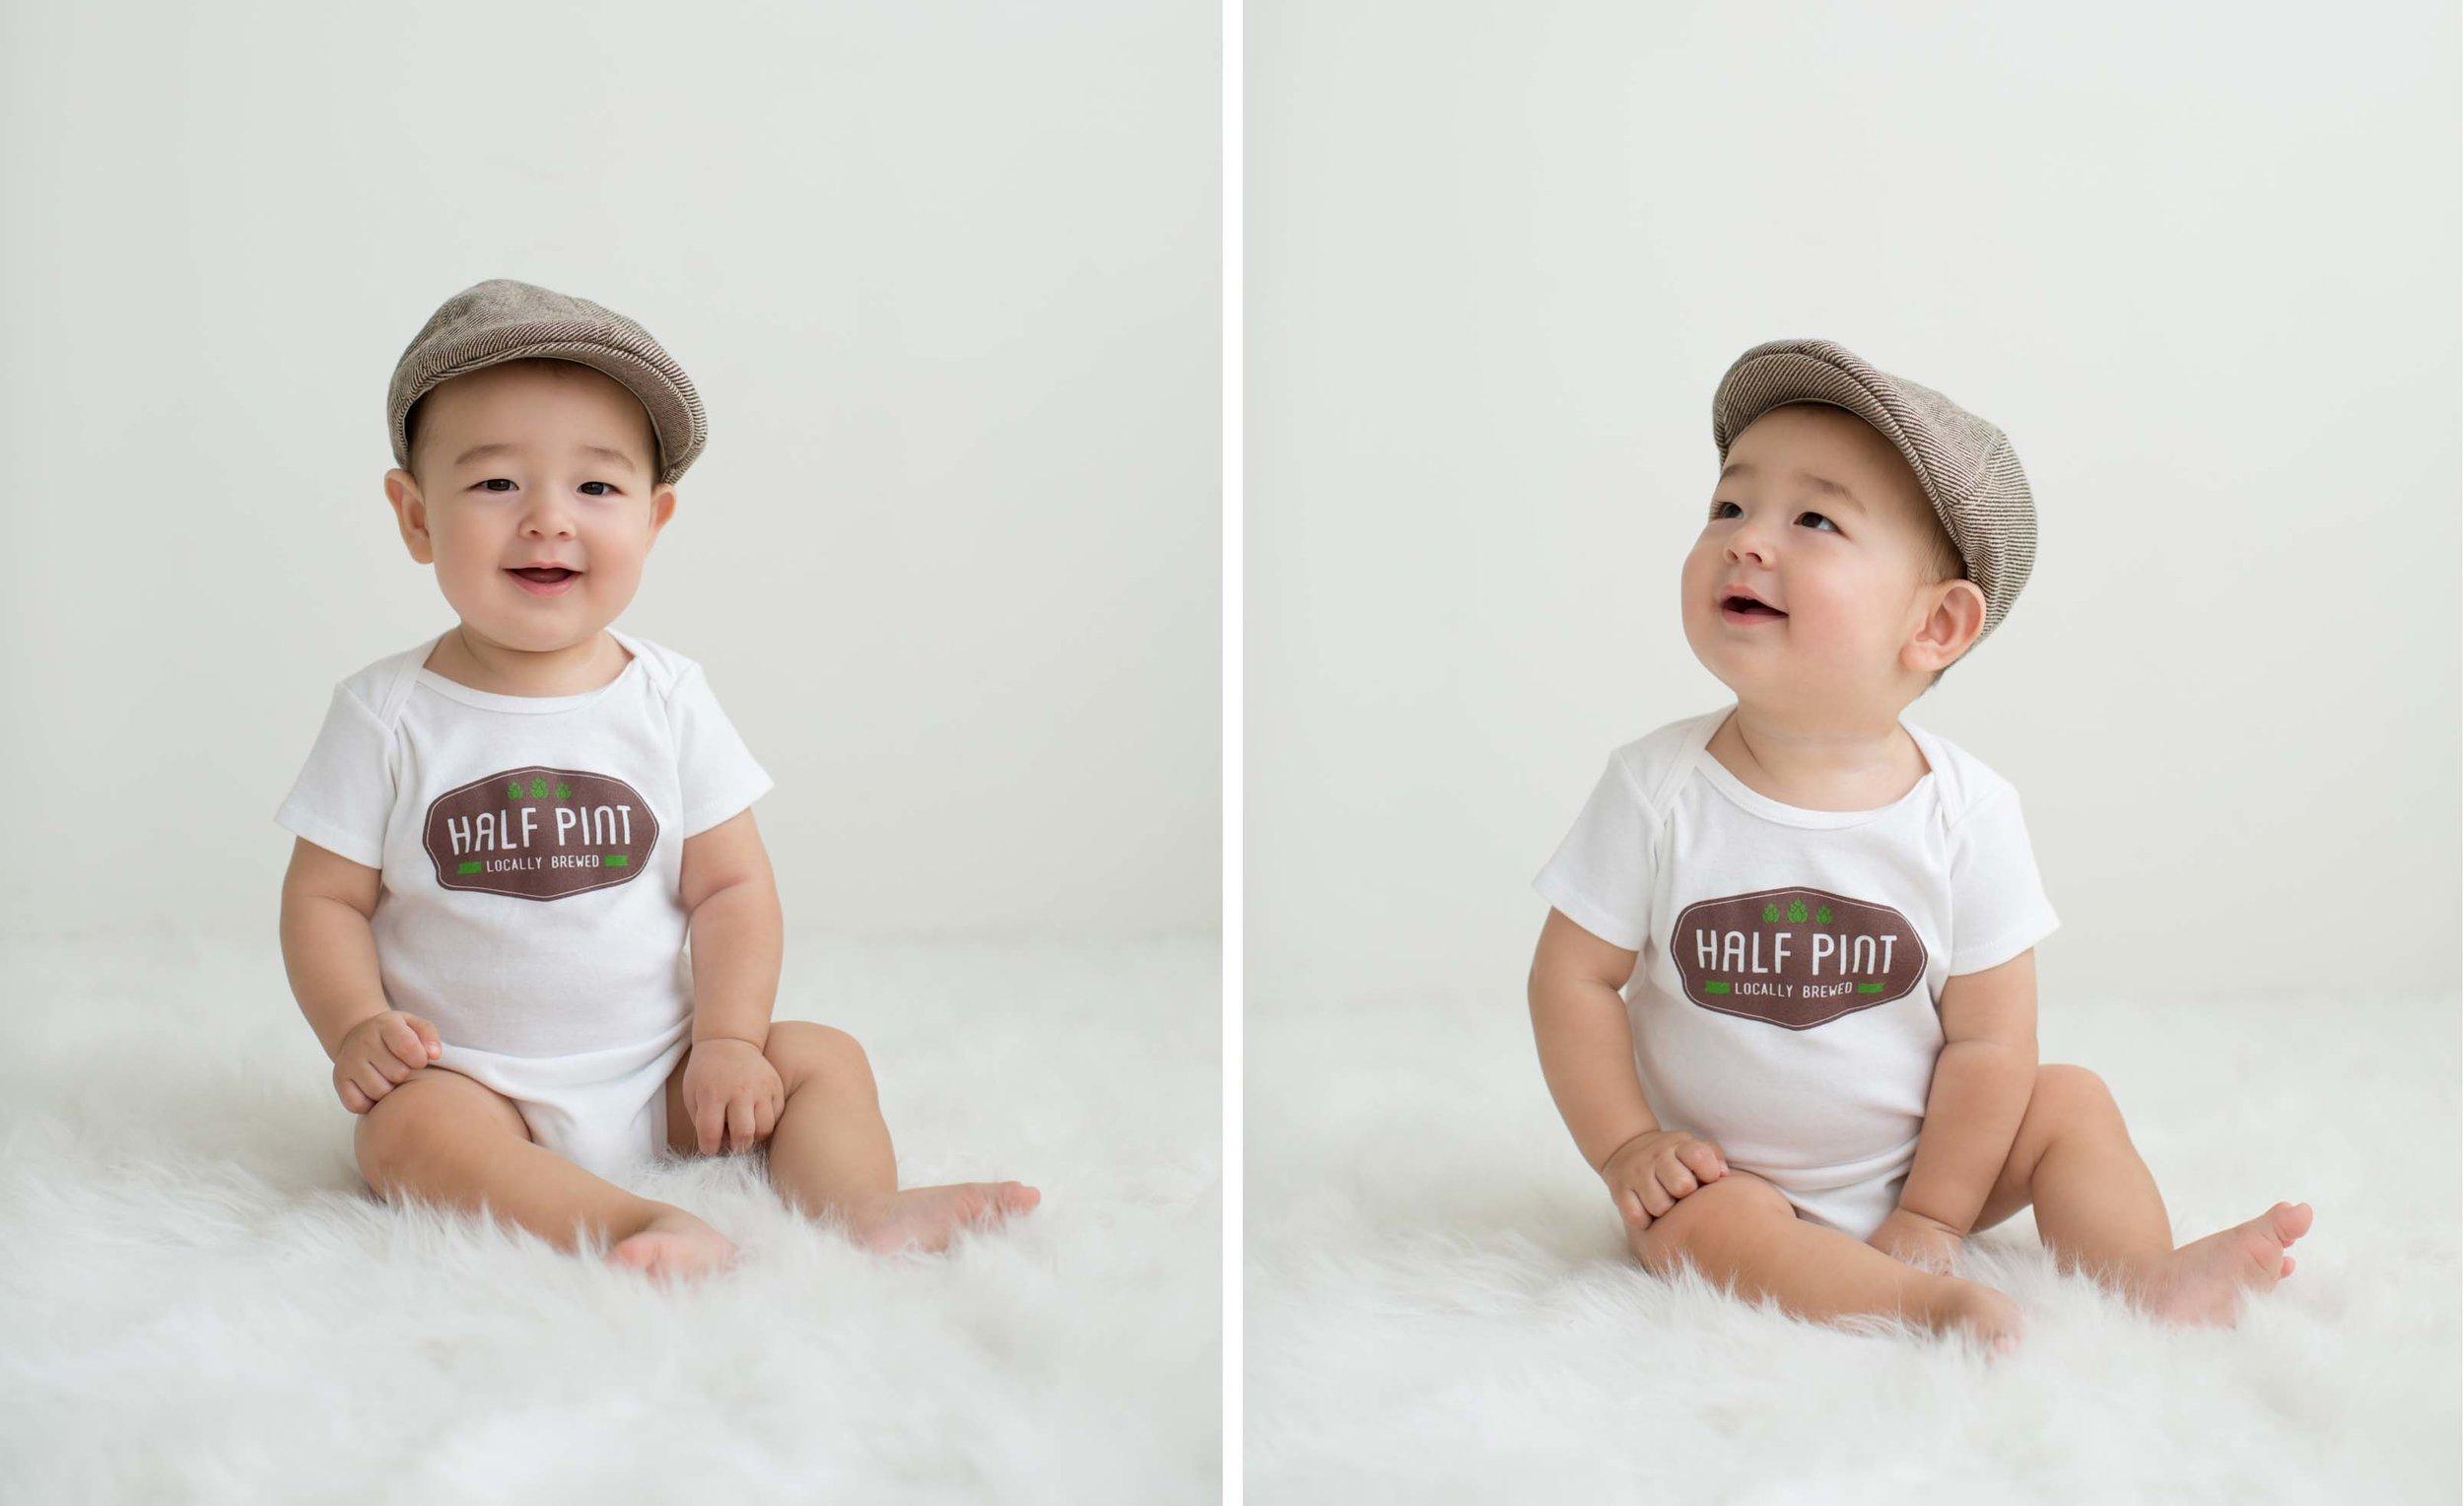 baby_in_half_pint_tshirt.jpg